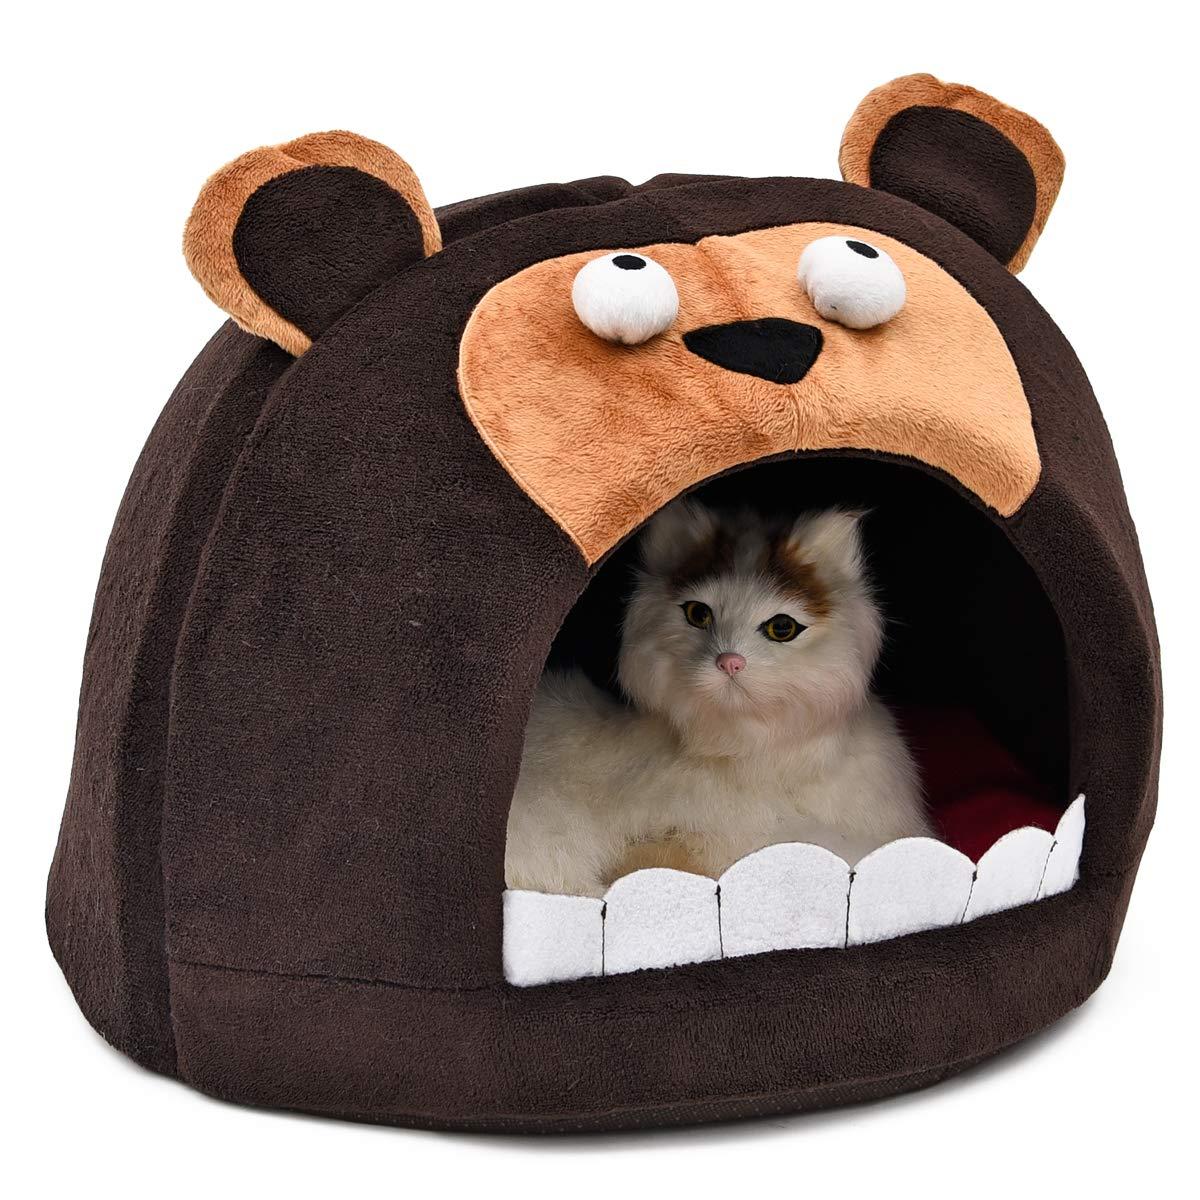 OHANA Panier Corbeille pour Chat en Forme de Igloo Bear, Petit Niche Portable idéal pour Chat Chaton à Se Coucher 46 x 46 x h 30 cm